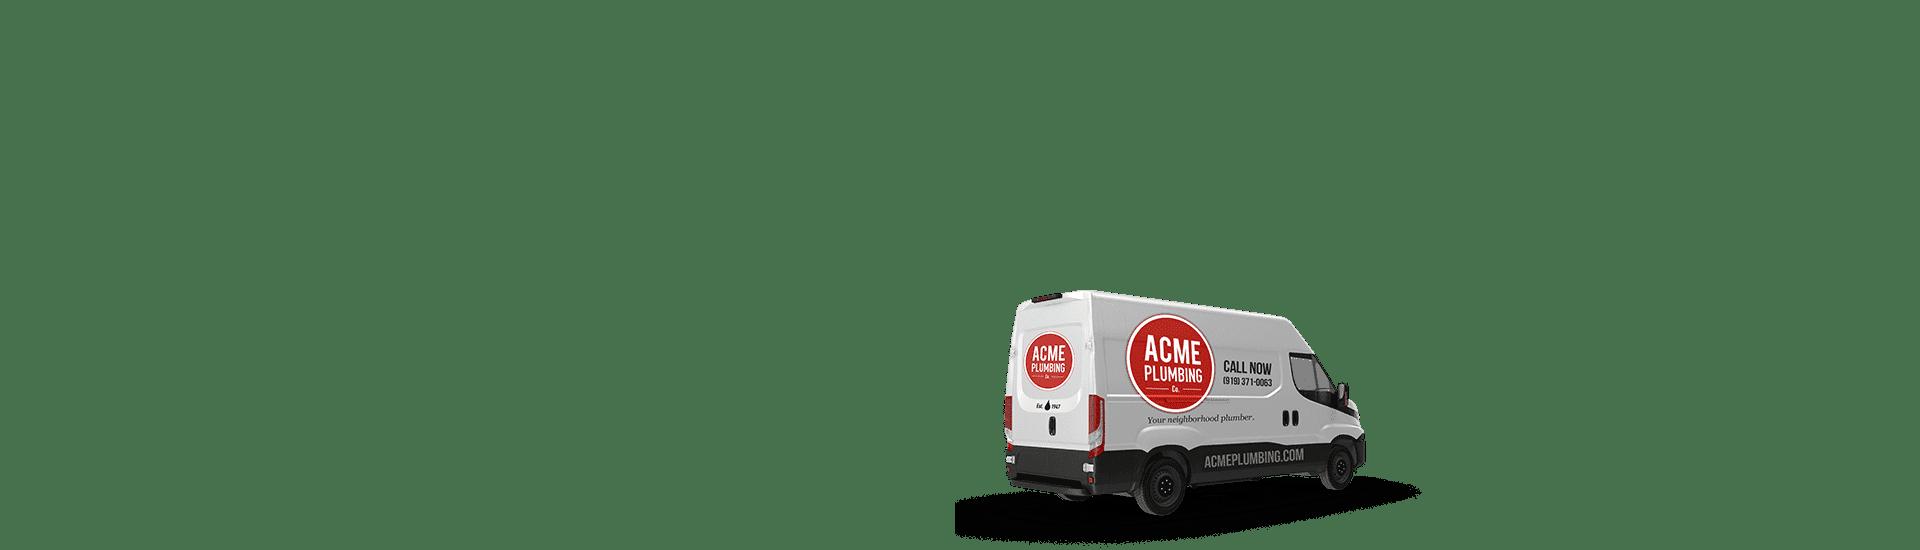 Banner Van